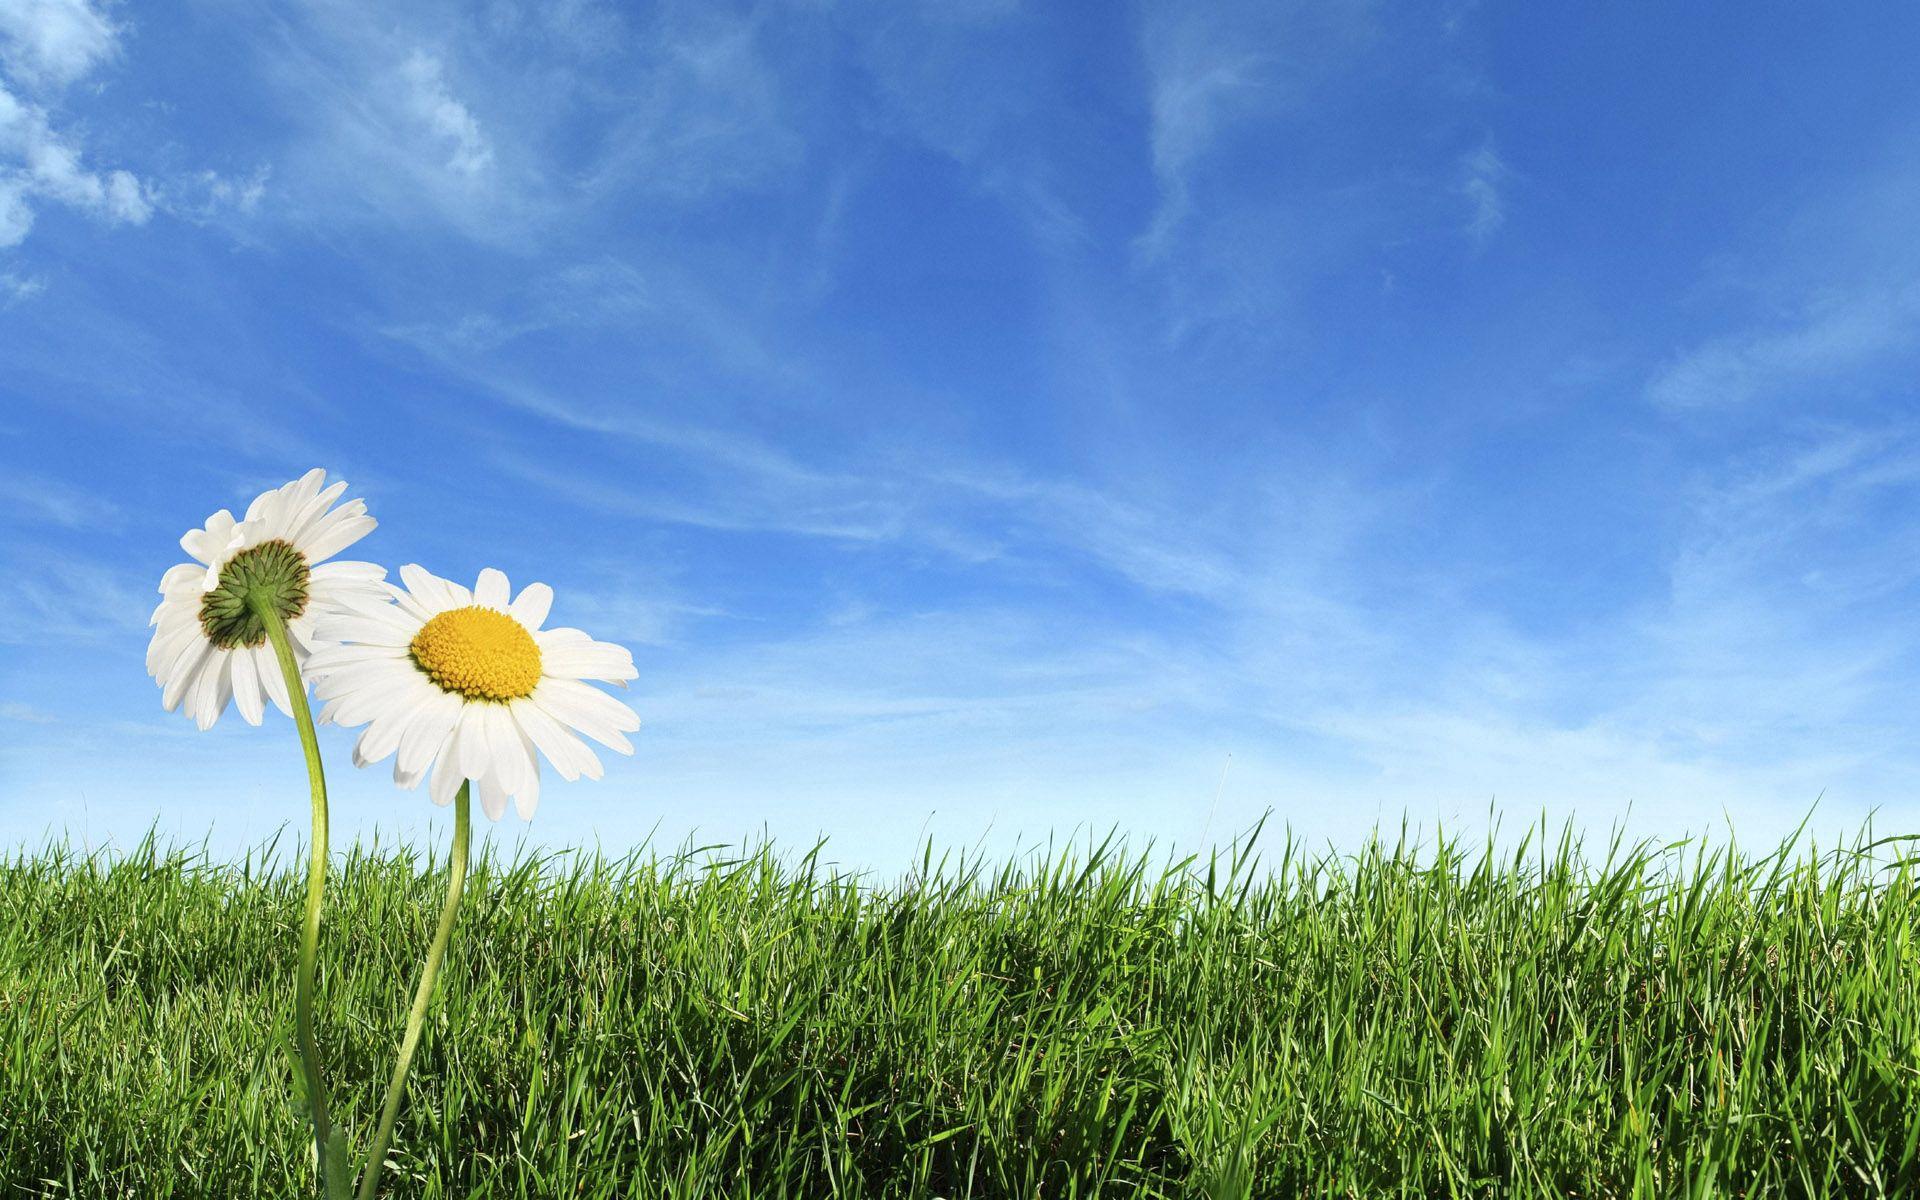 137737 Заставки и Обои Ромашки на телефон. Скачать Природа, Ромашки, Поле, Трава, Небо, Цветы картинки бесплатно